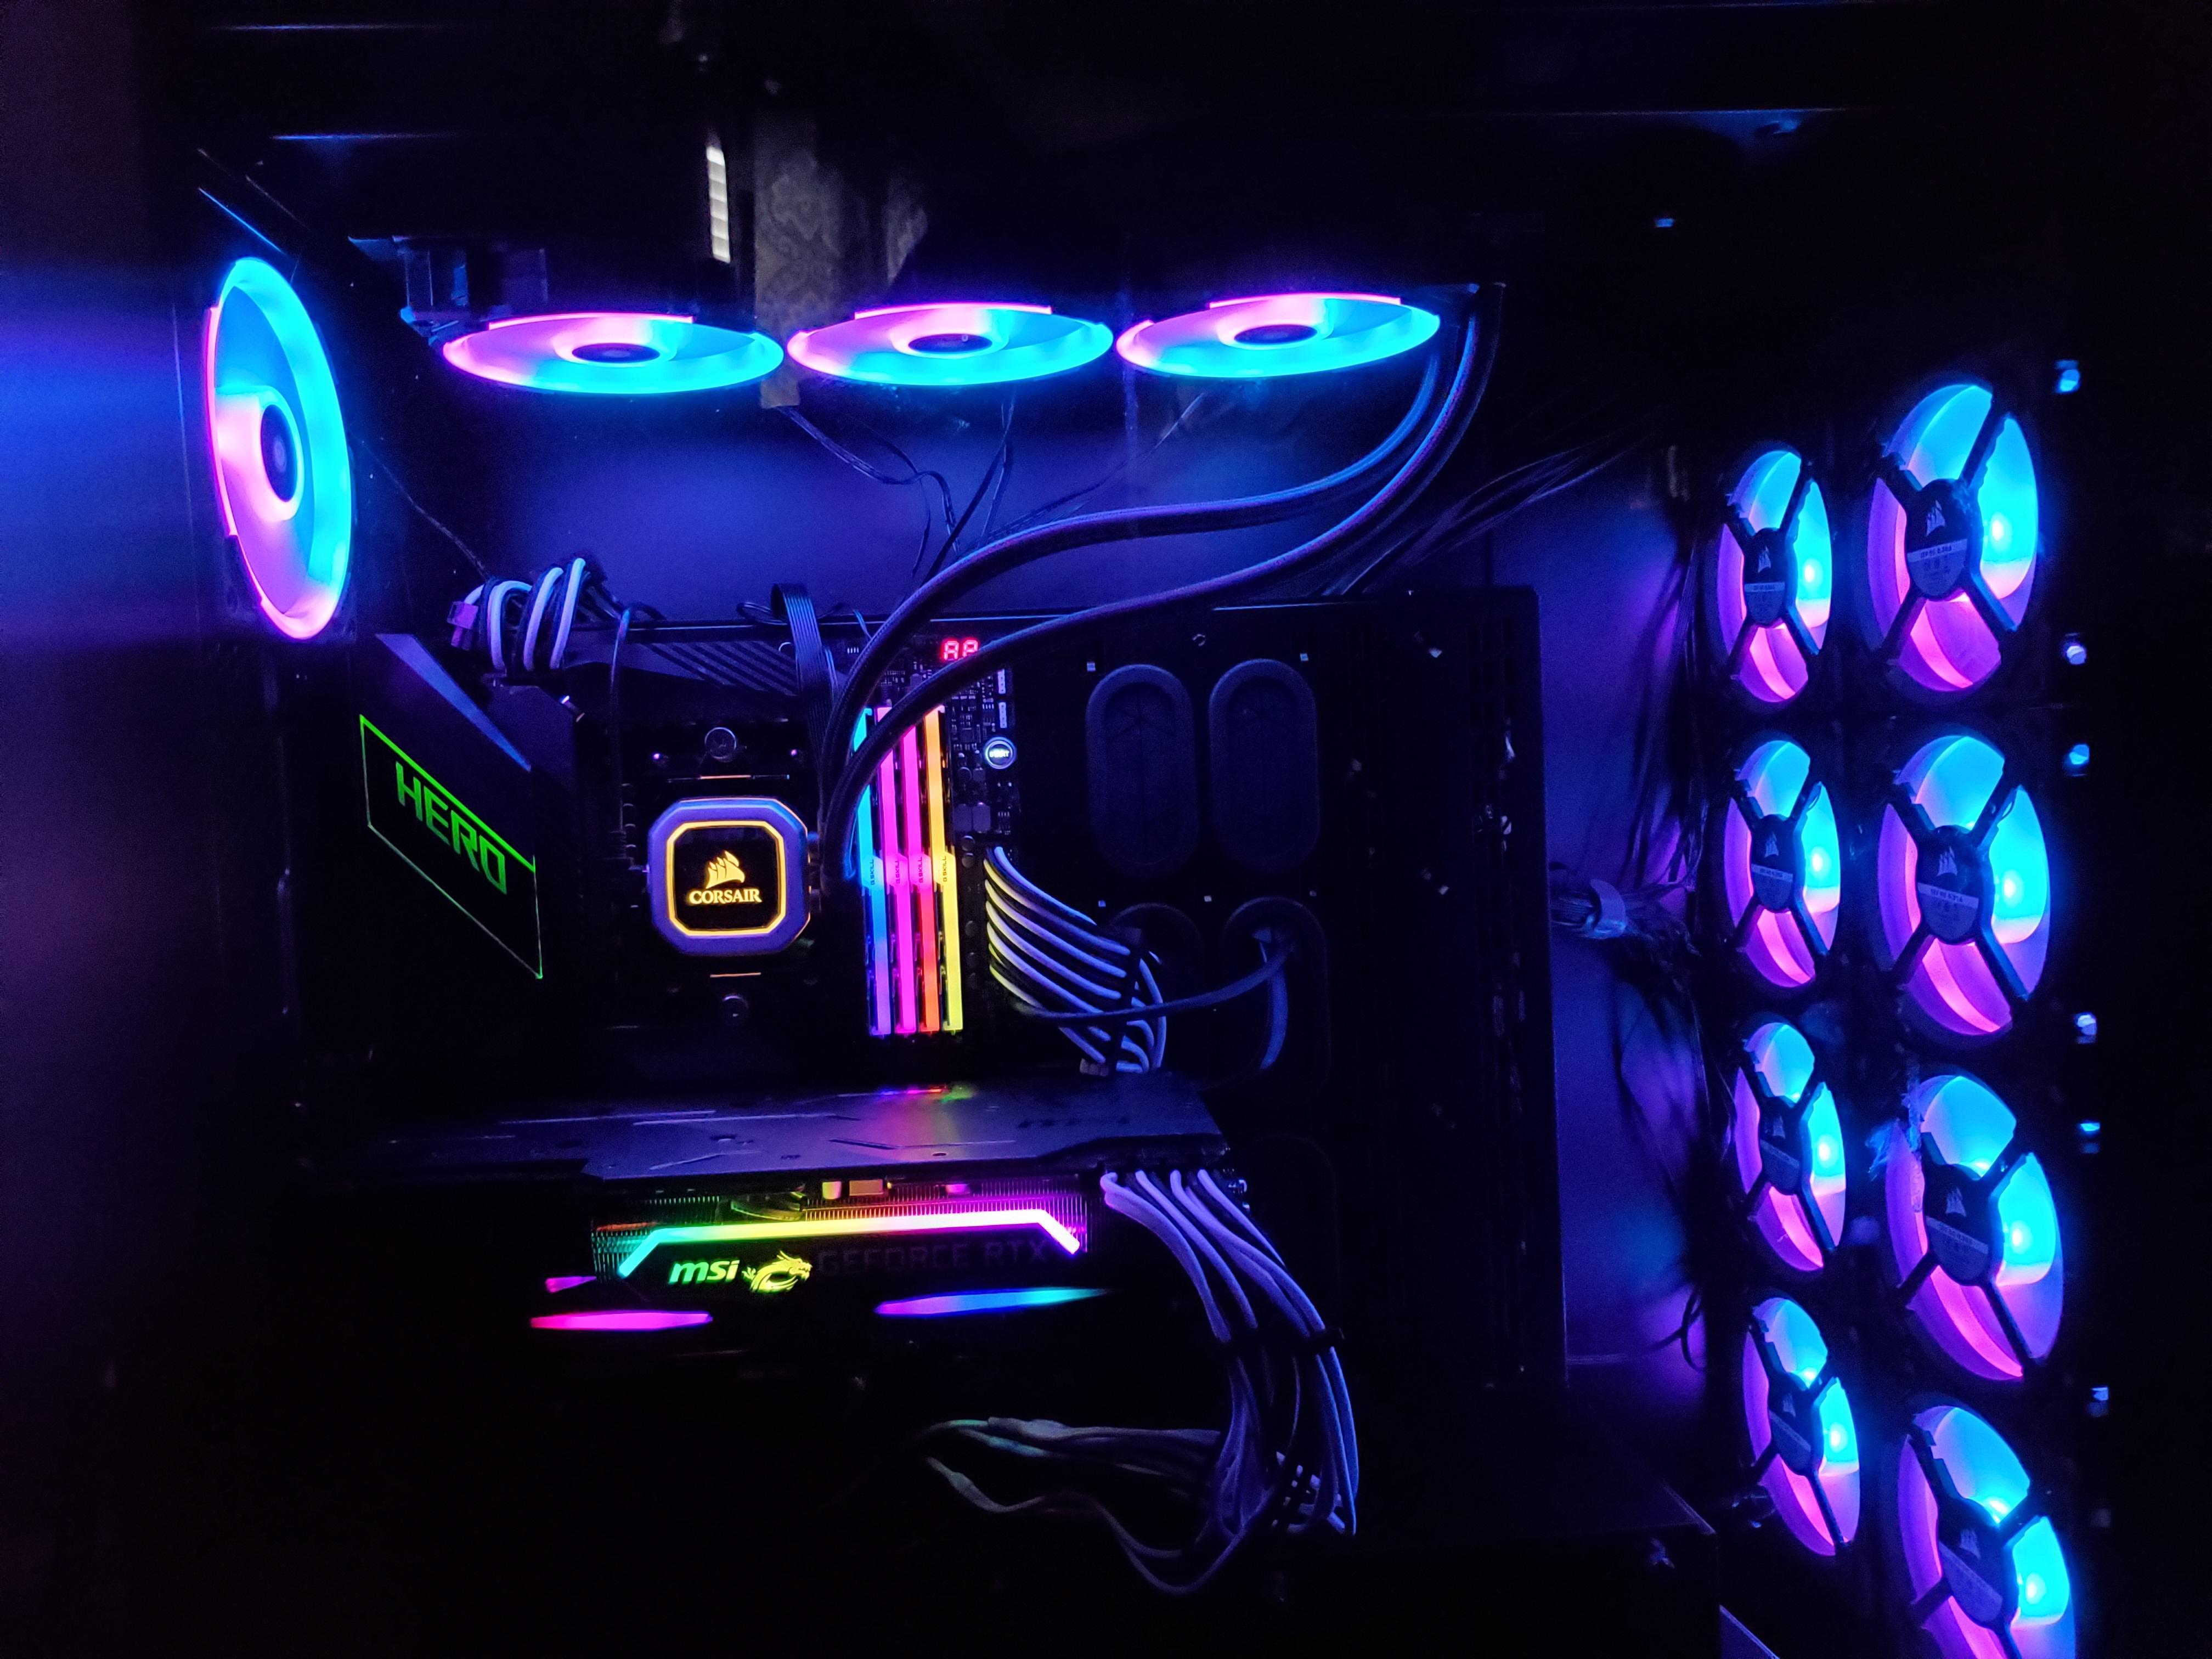 Dàn PC khủng và đẹp